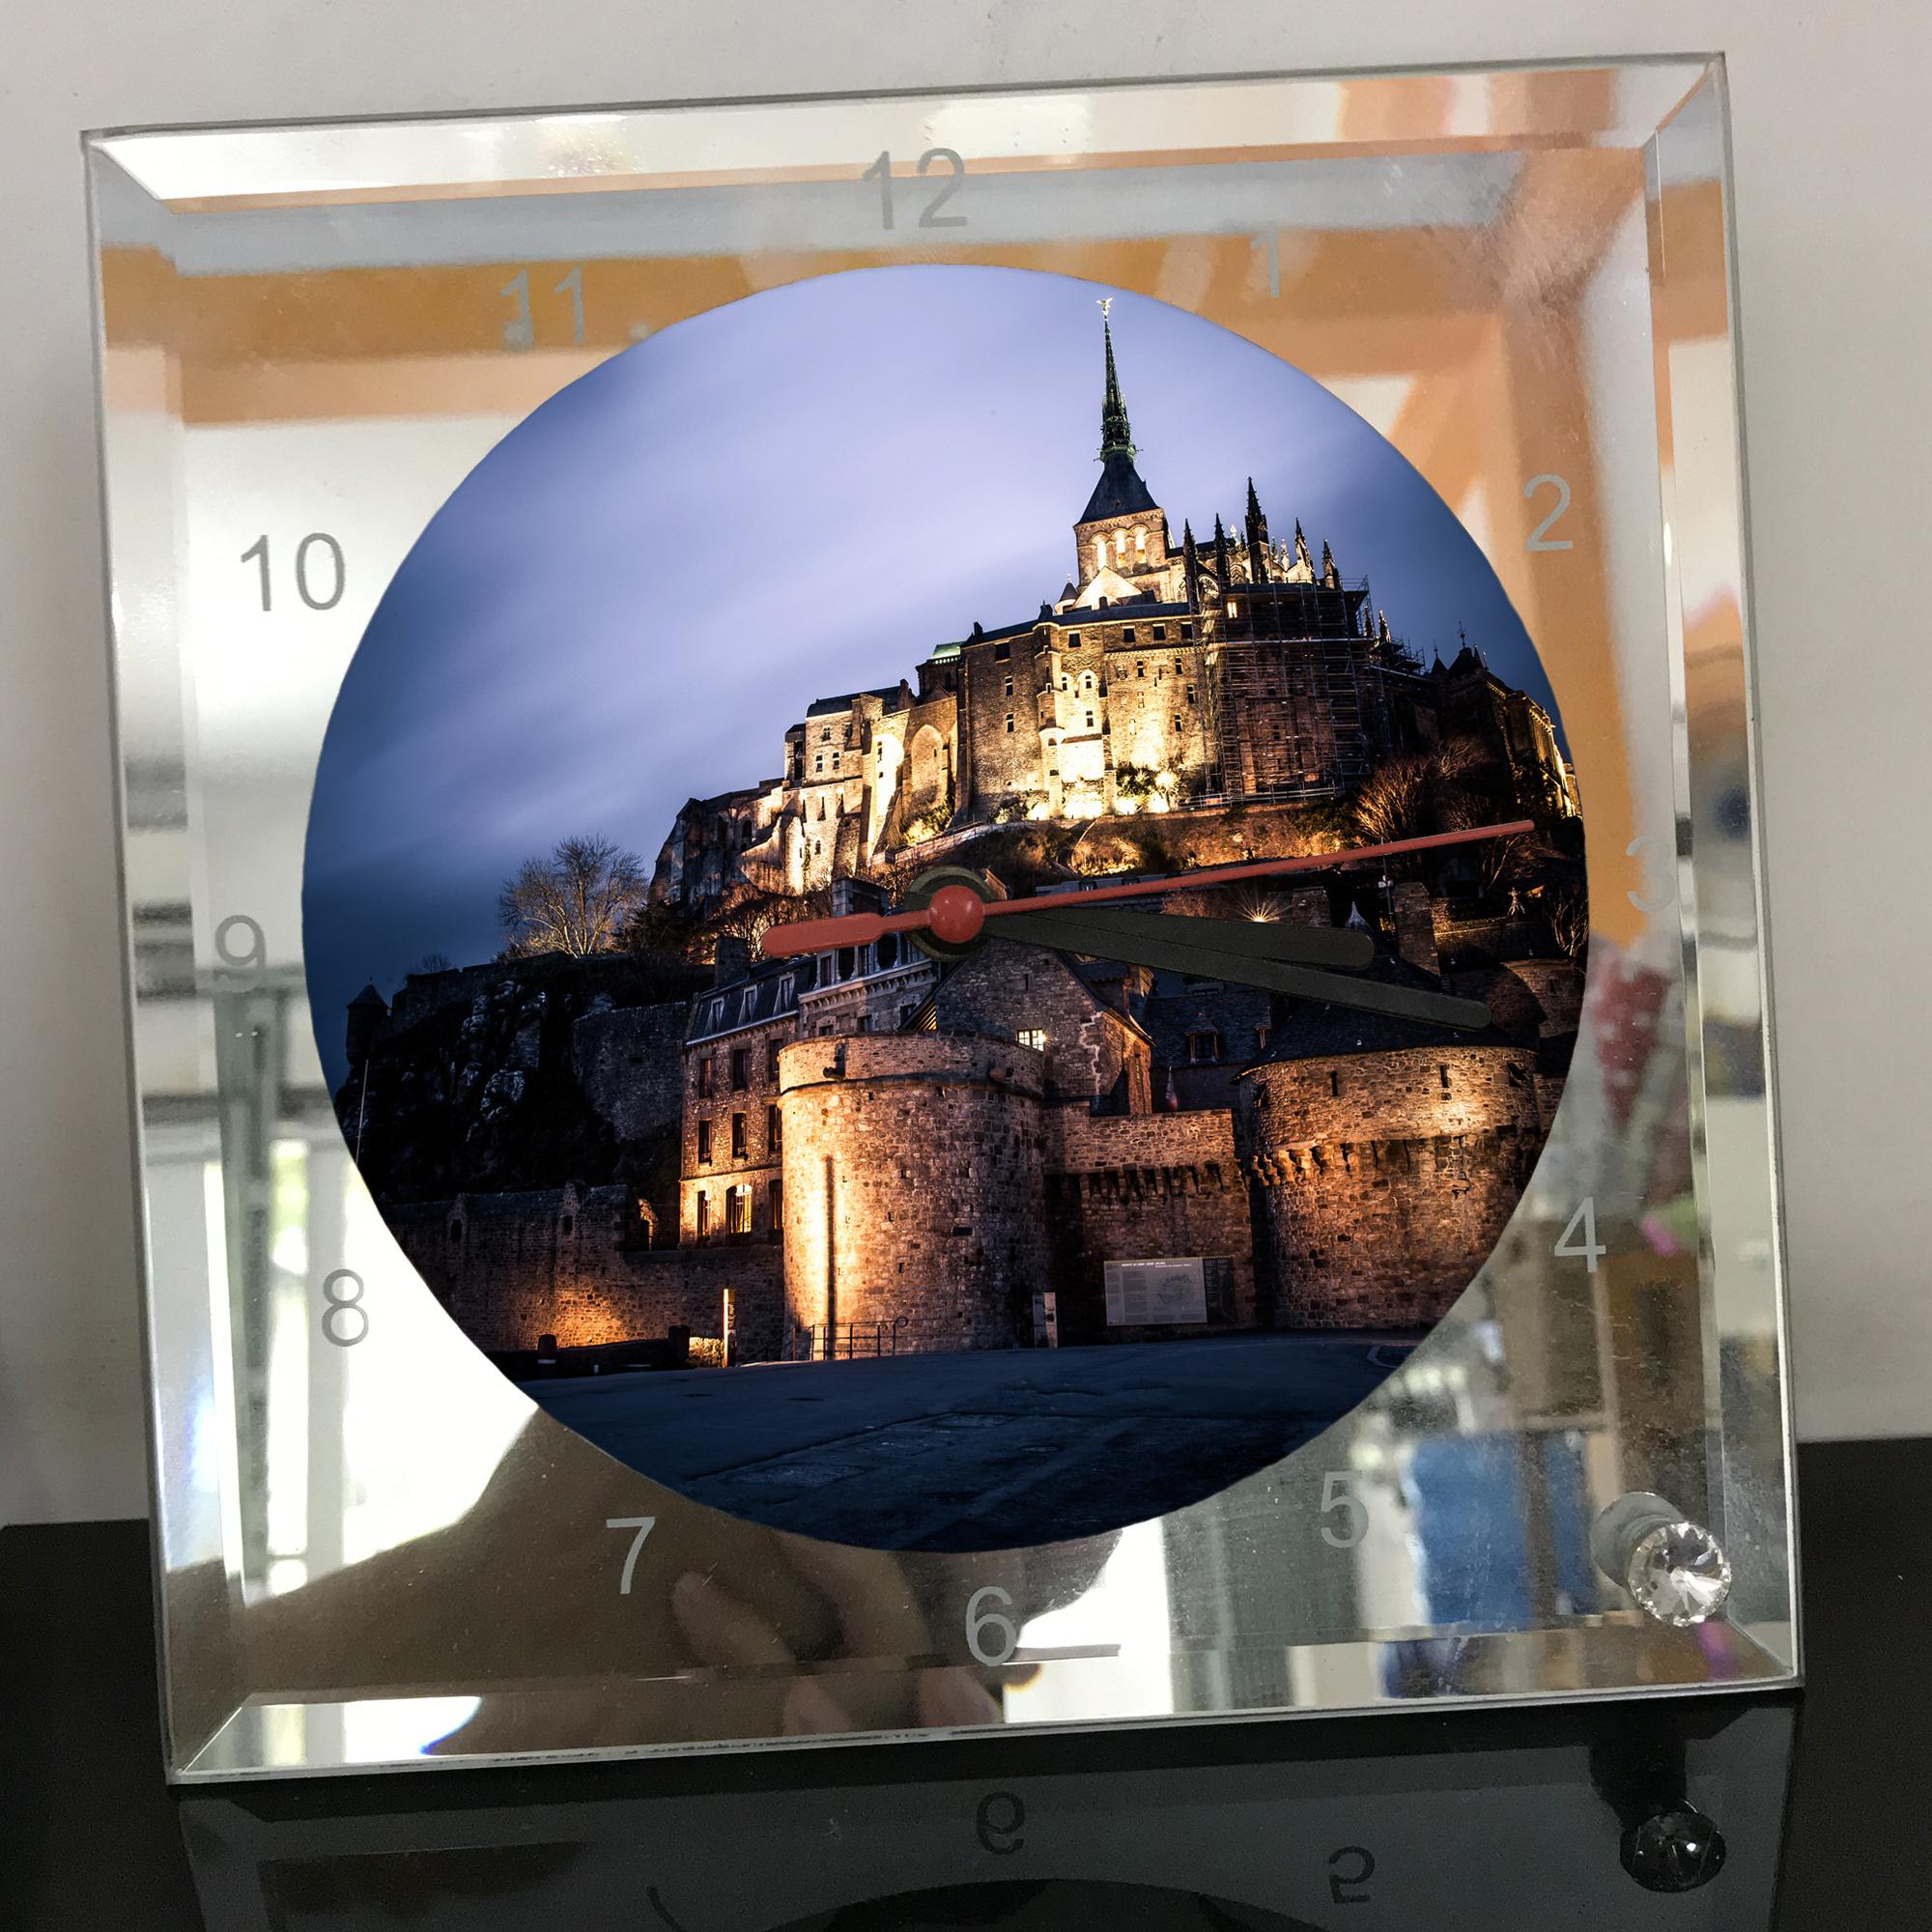 Đồng hồ thủy tinh vuông 20x20 in hình tu viện Mont Saint-Michel (53) . Đồng hồ thủy tinh để bàn trang trí đẹp chủ đề tôn giáo